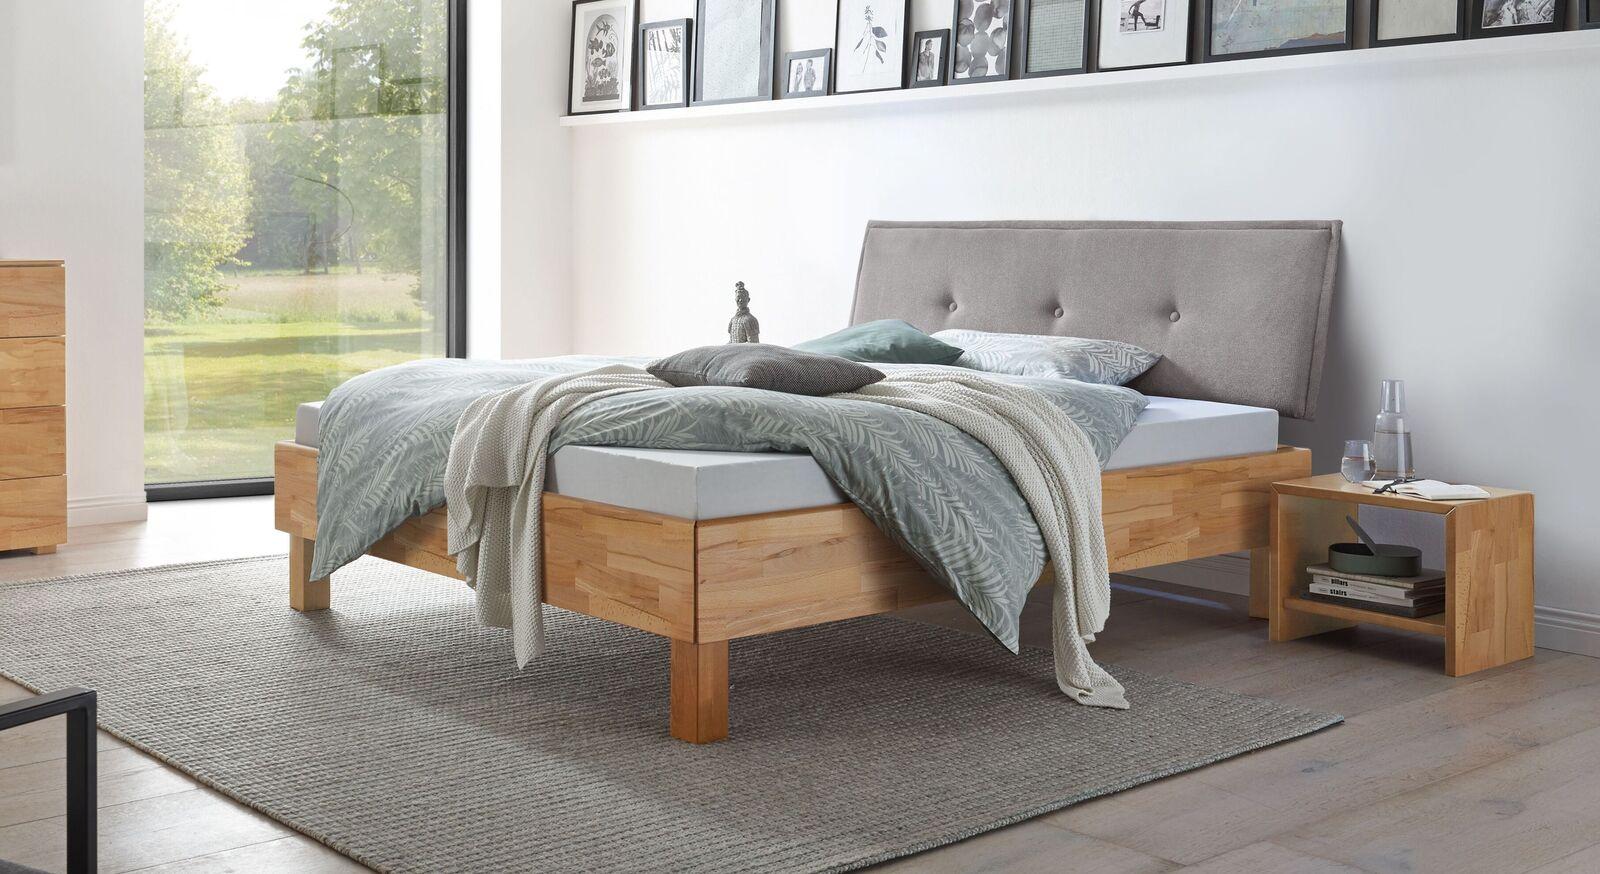 Bett Fenzlo in stilvollem Materialmix